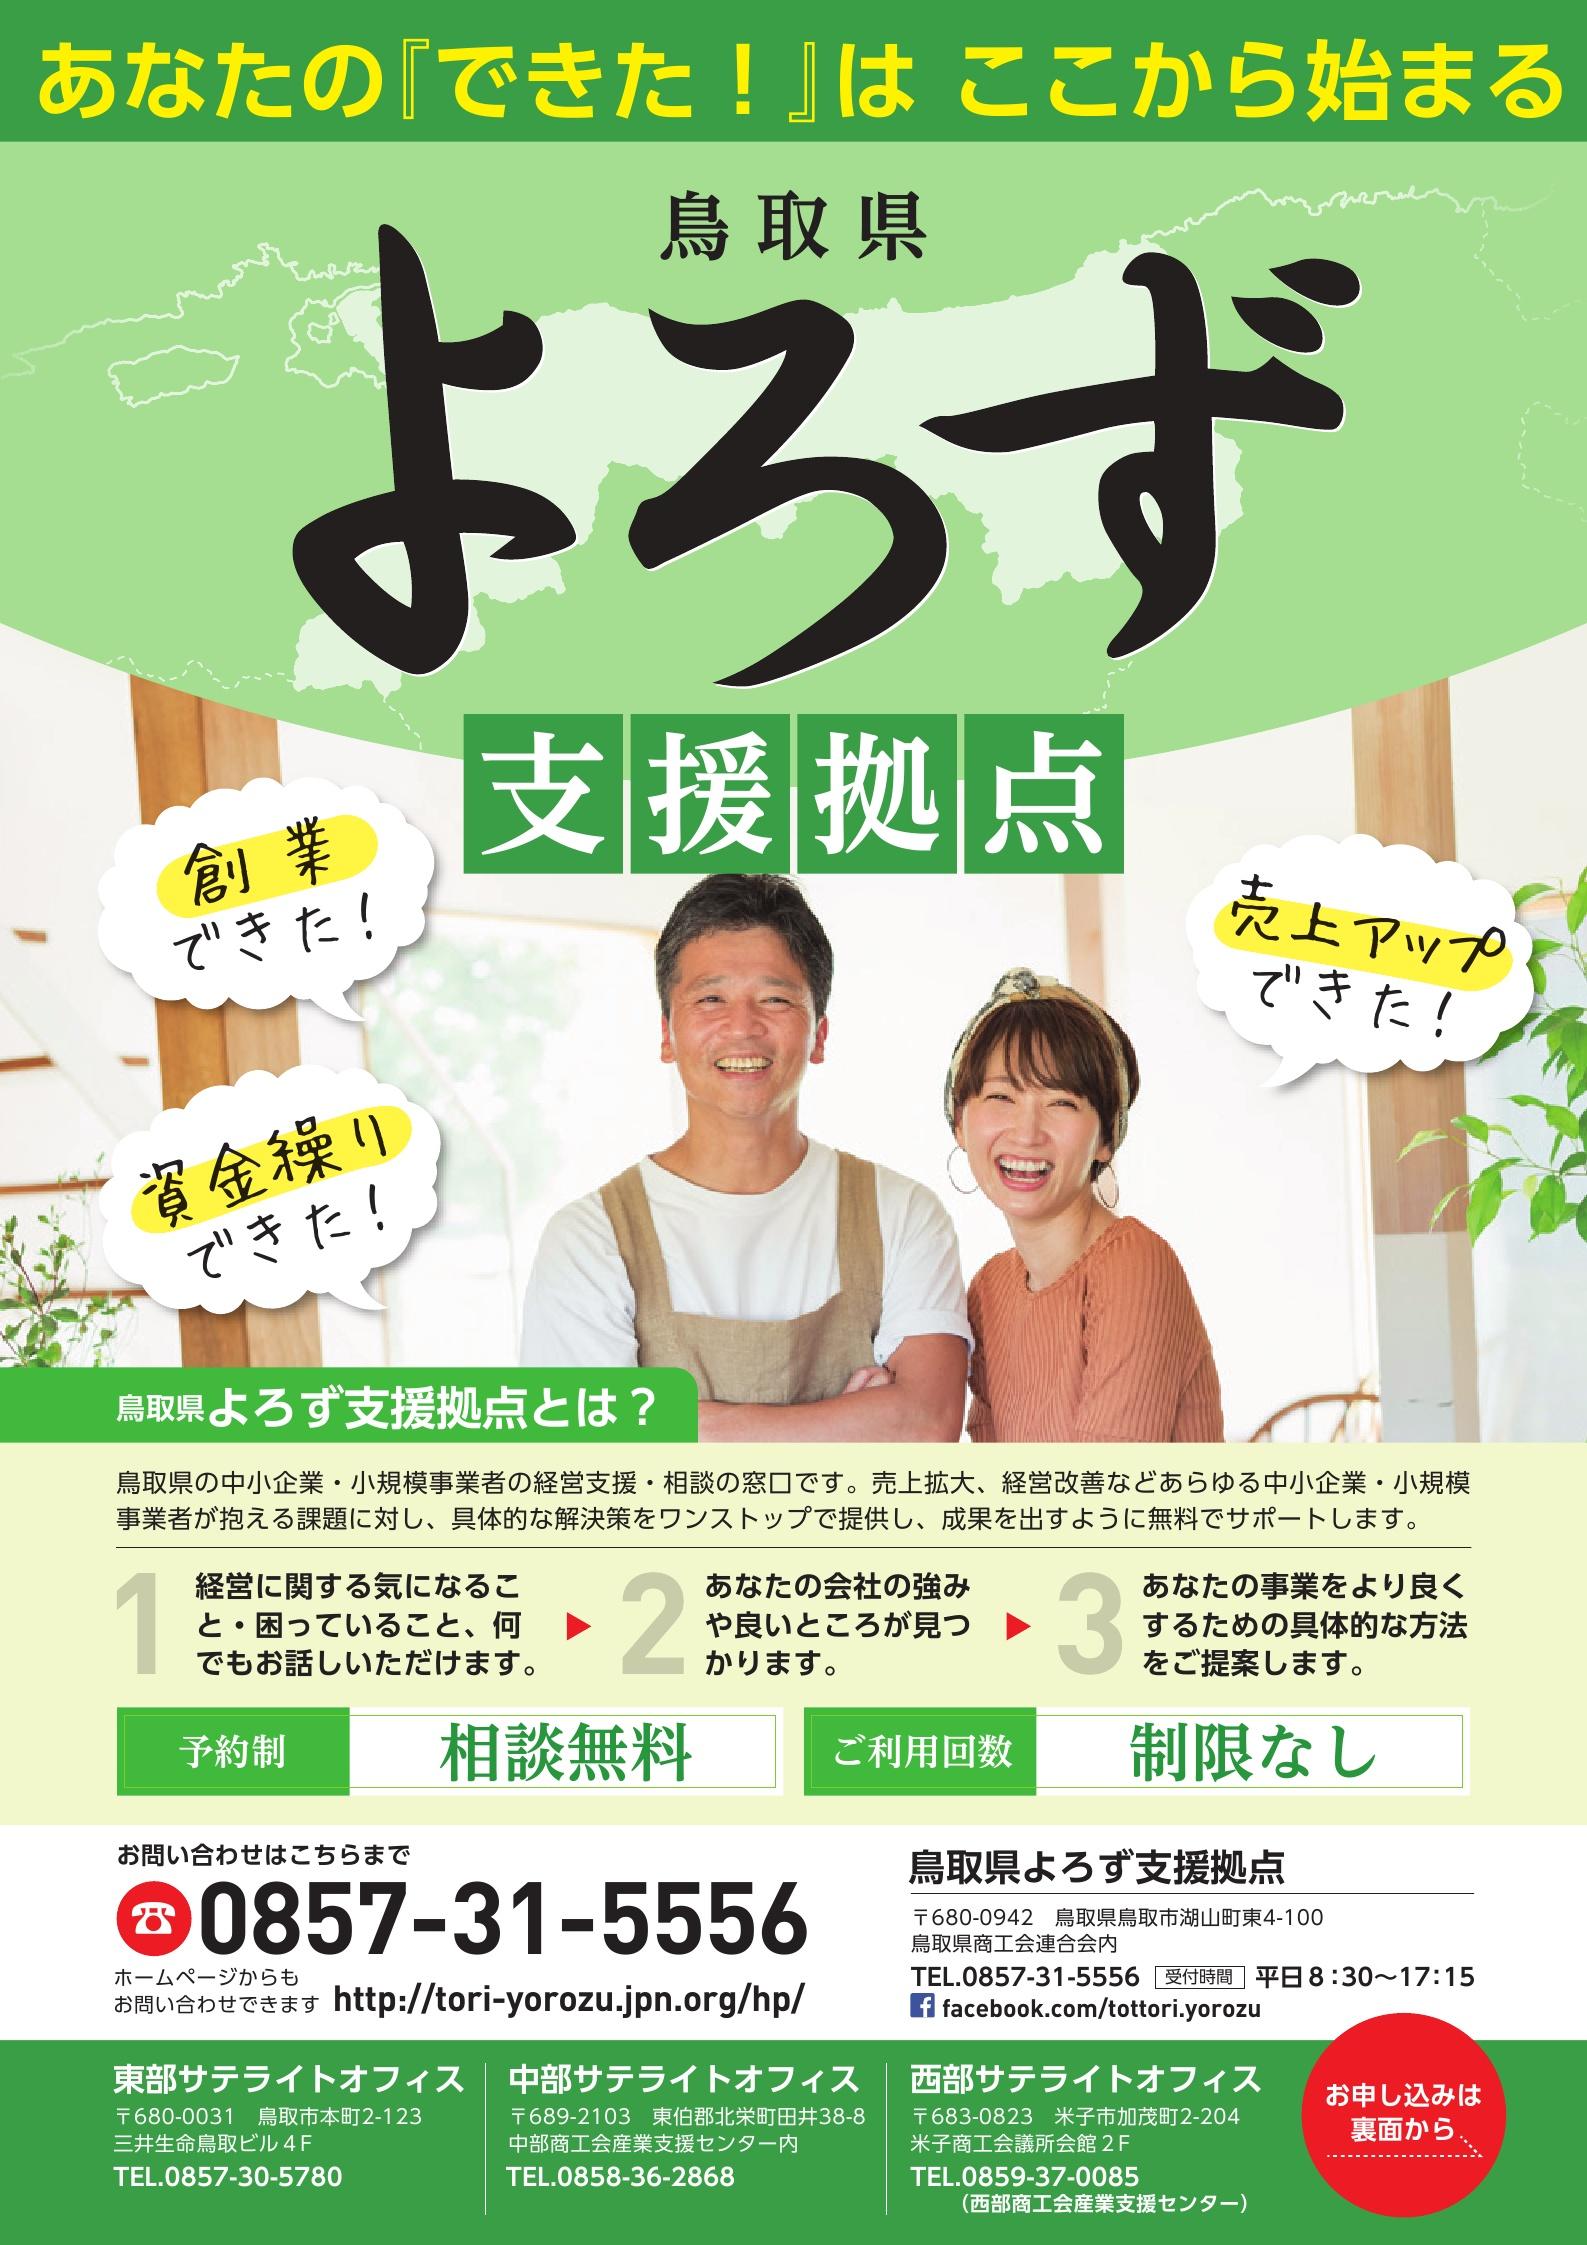 鳥取県よろず支援拠点PR-2018